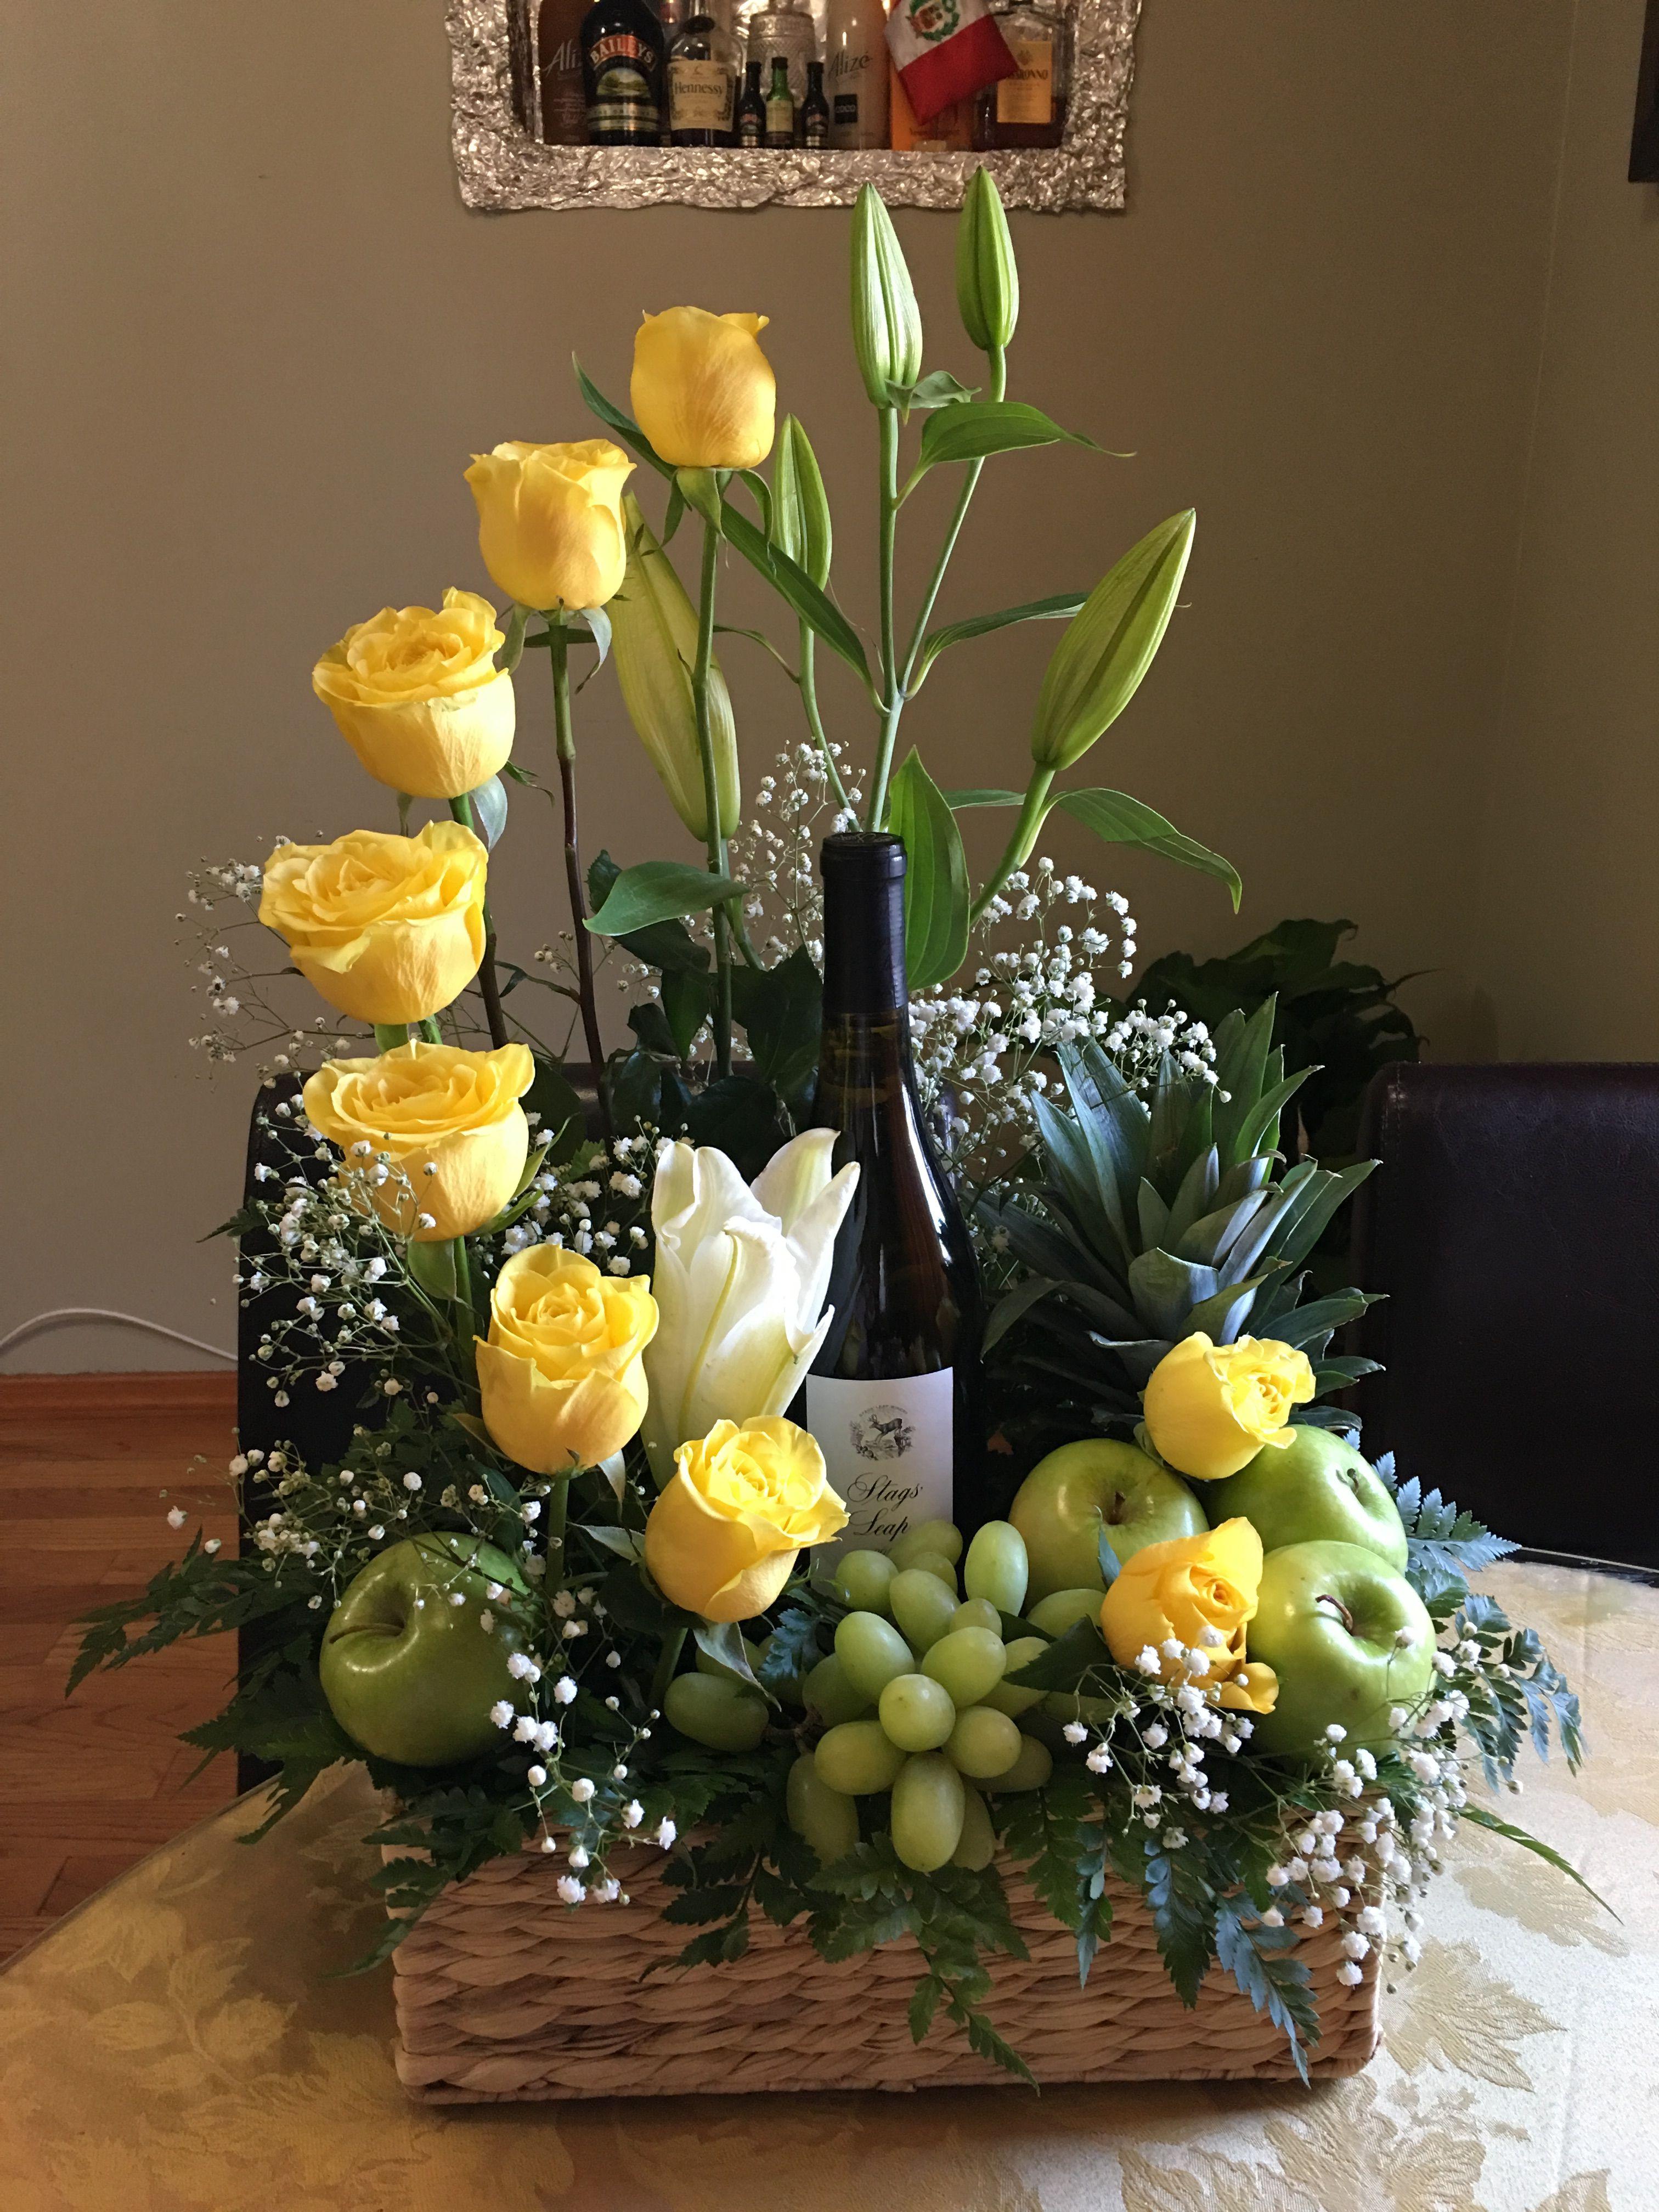 Die 15 besten Bilder von Blumen druck | Basteln, Blumen